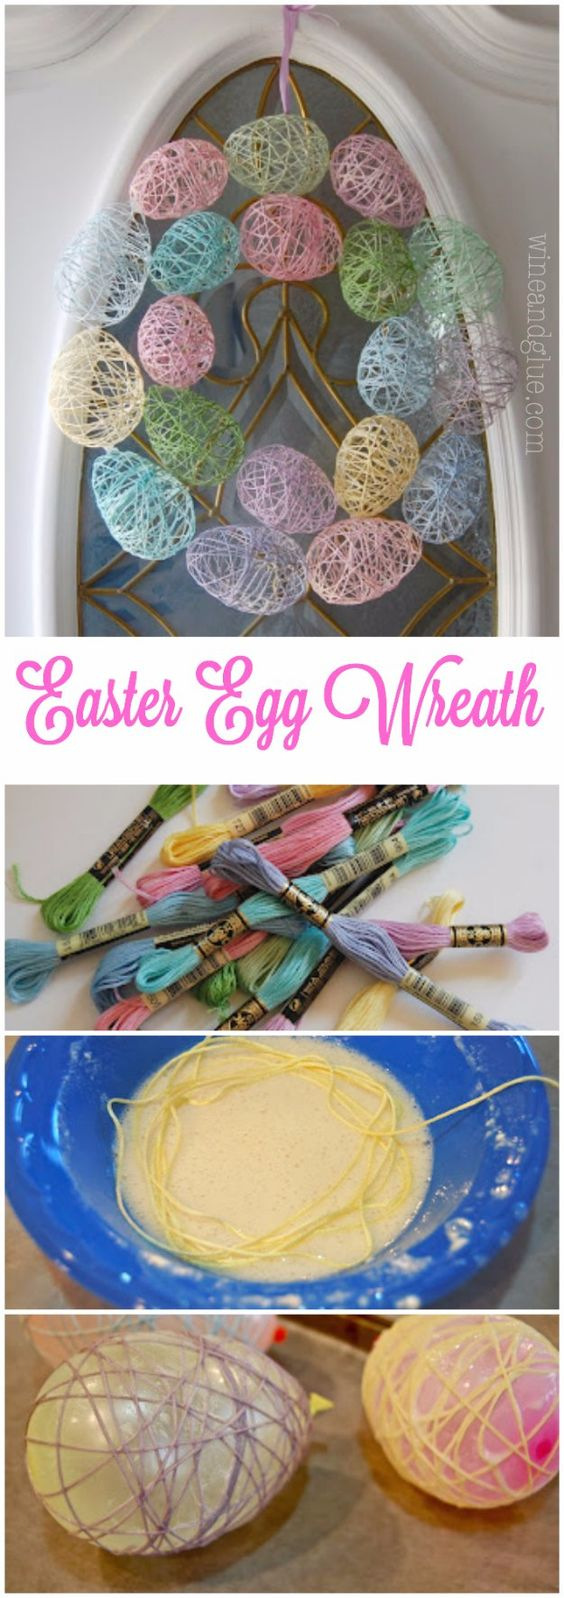 Sólo hay algo acerca de cómo decorar con huevos, conejos y colores pastel que siempre va a satisfacer mi niño interior. Pascua y la decoración de primavera: